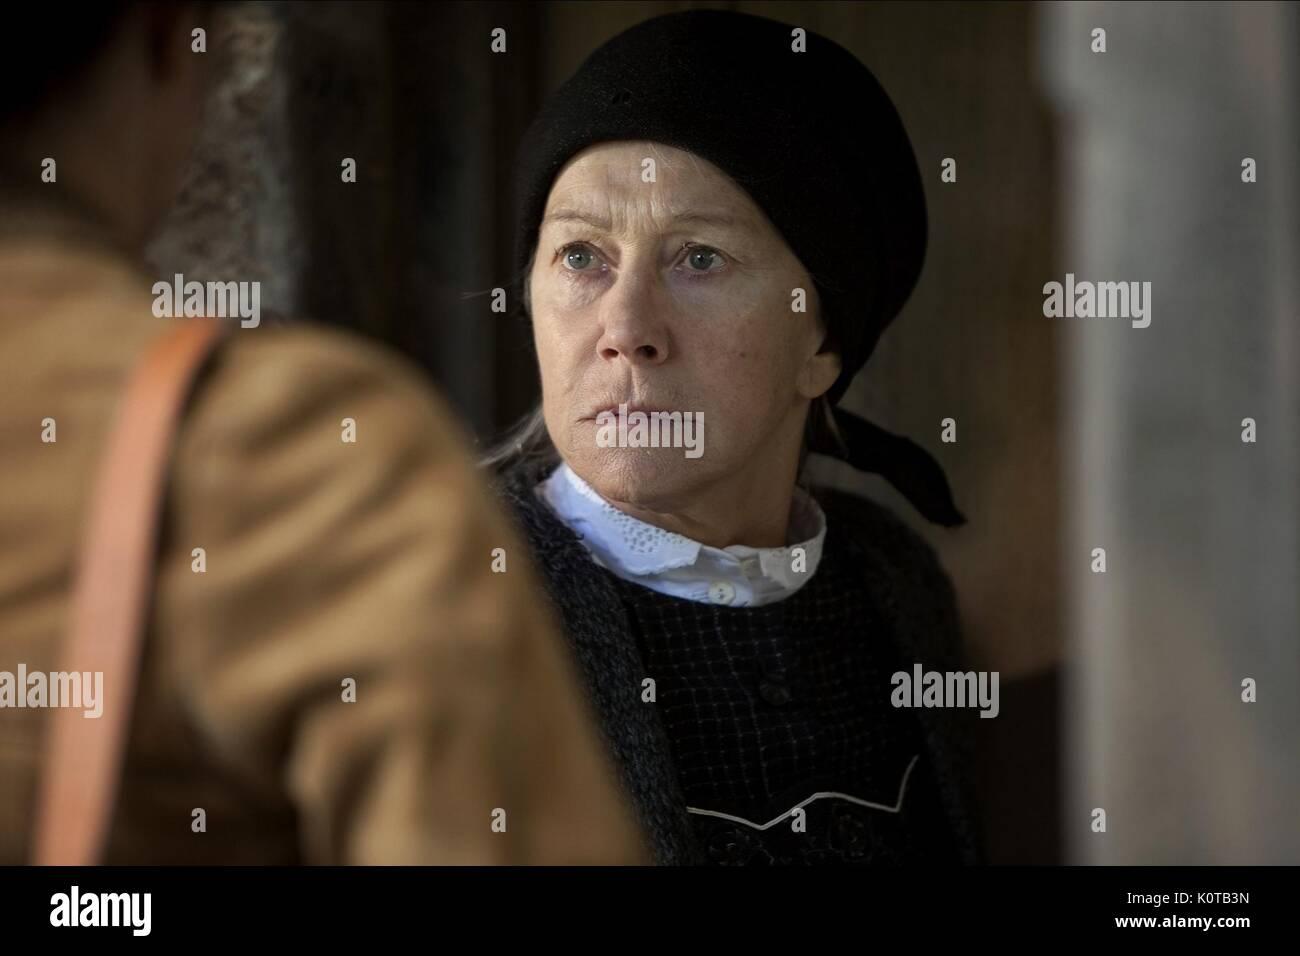 HELEN MIRREN THE DOOR (2012) - Stock Image